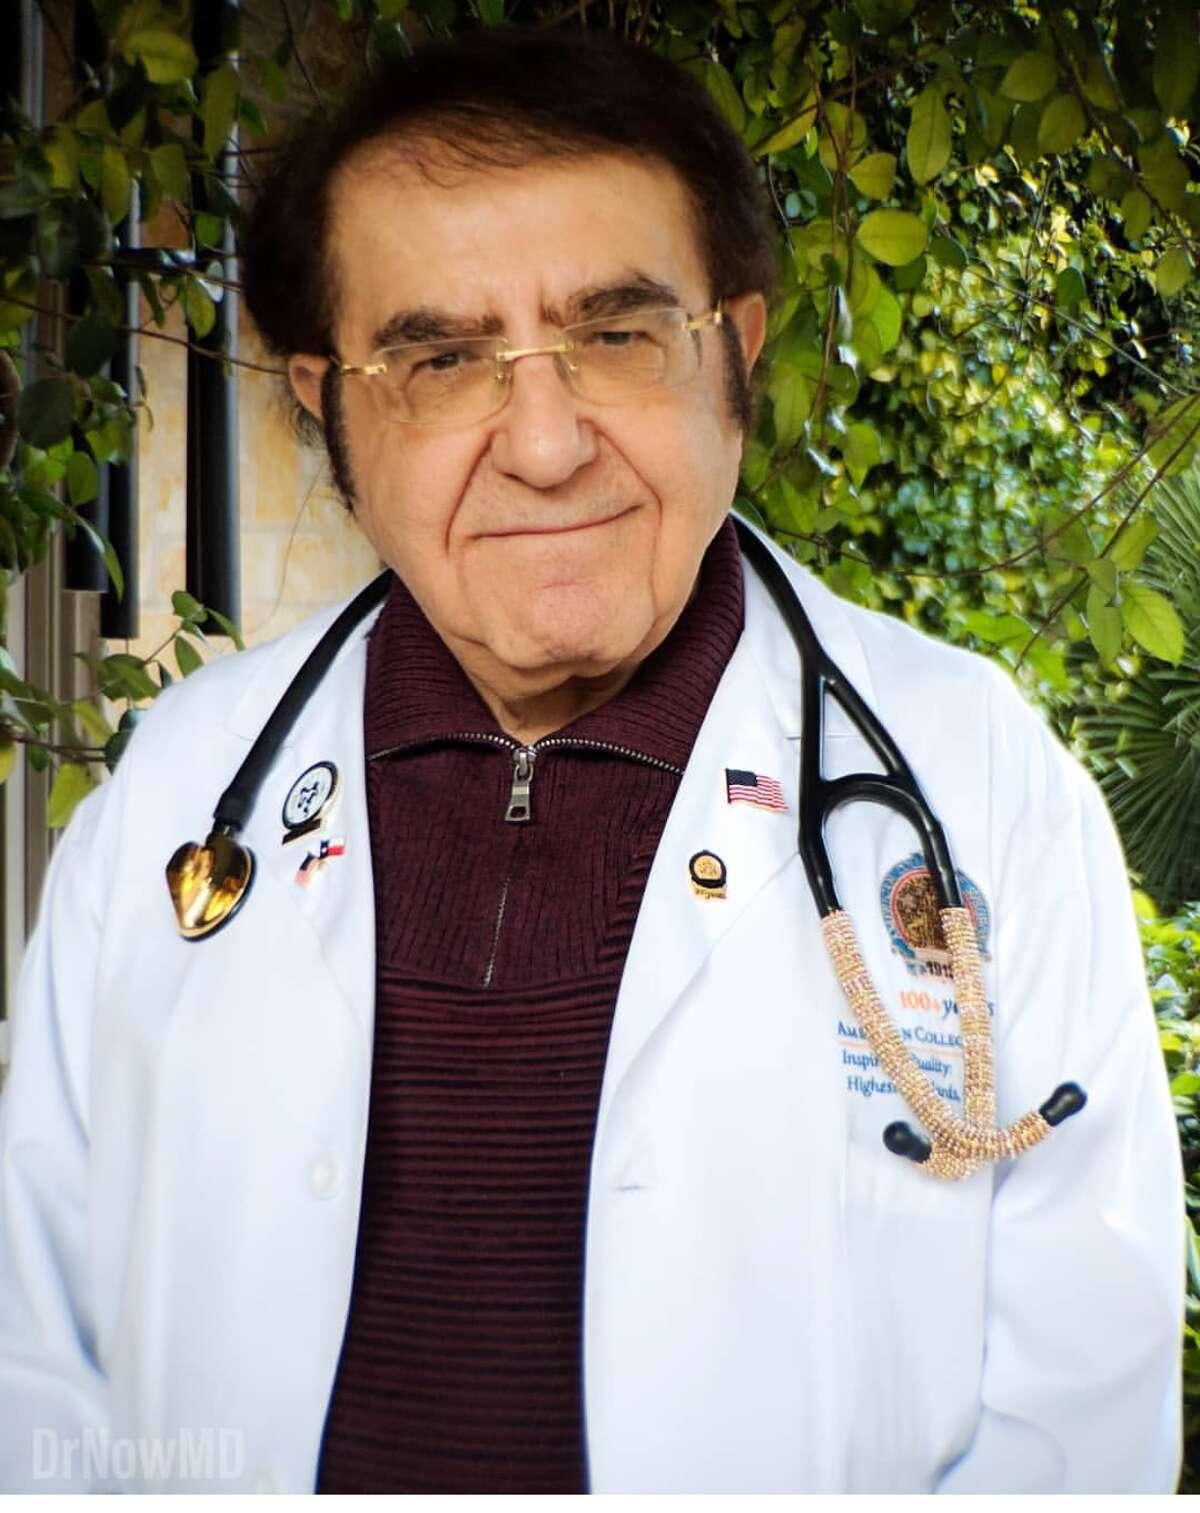 Dr. Younan Nowzaradan My 600-lb Life